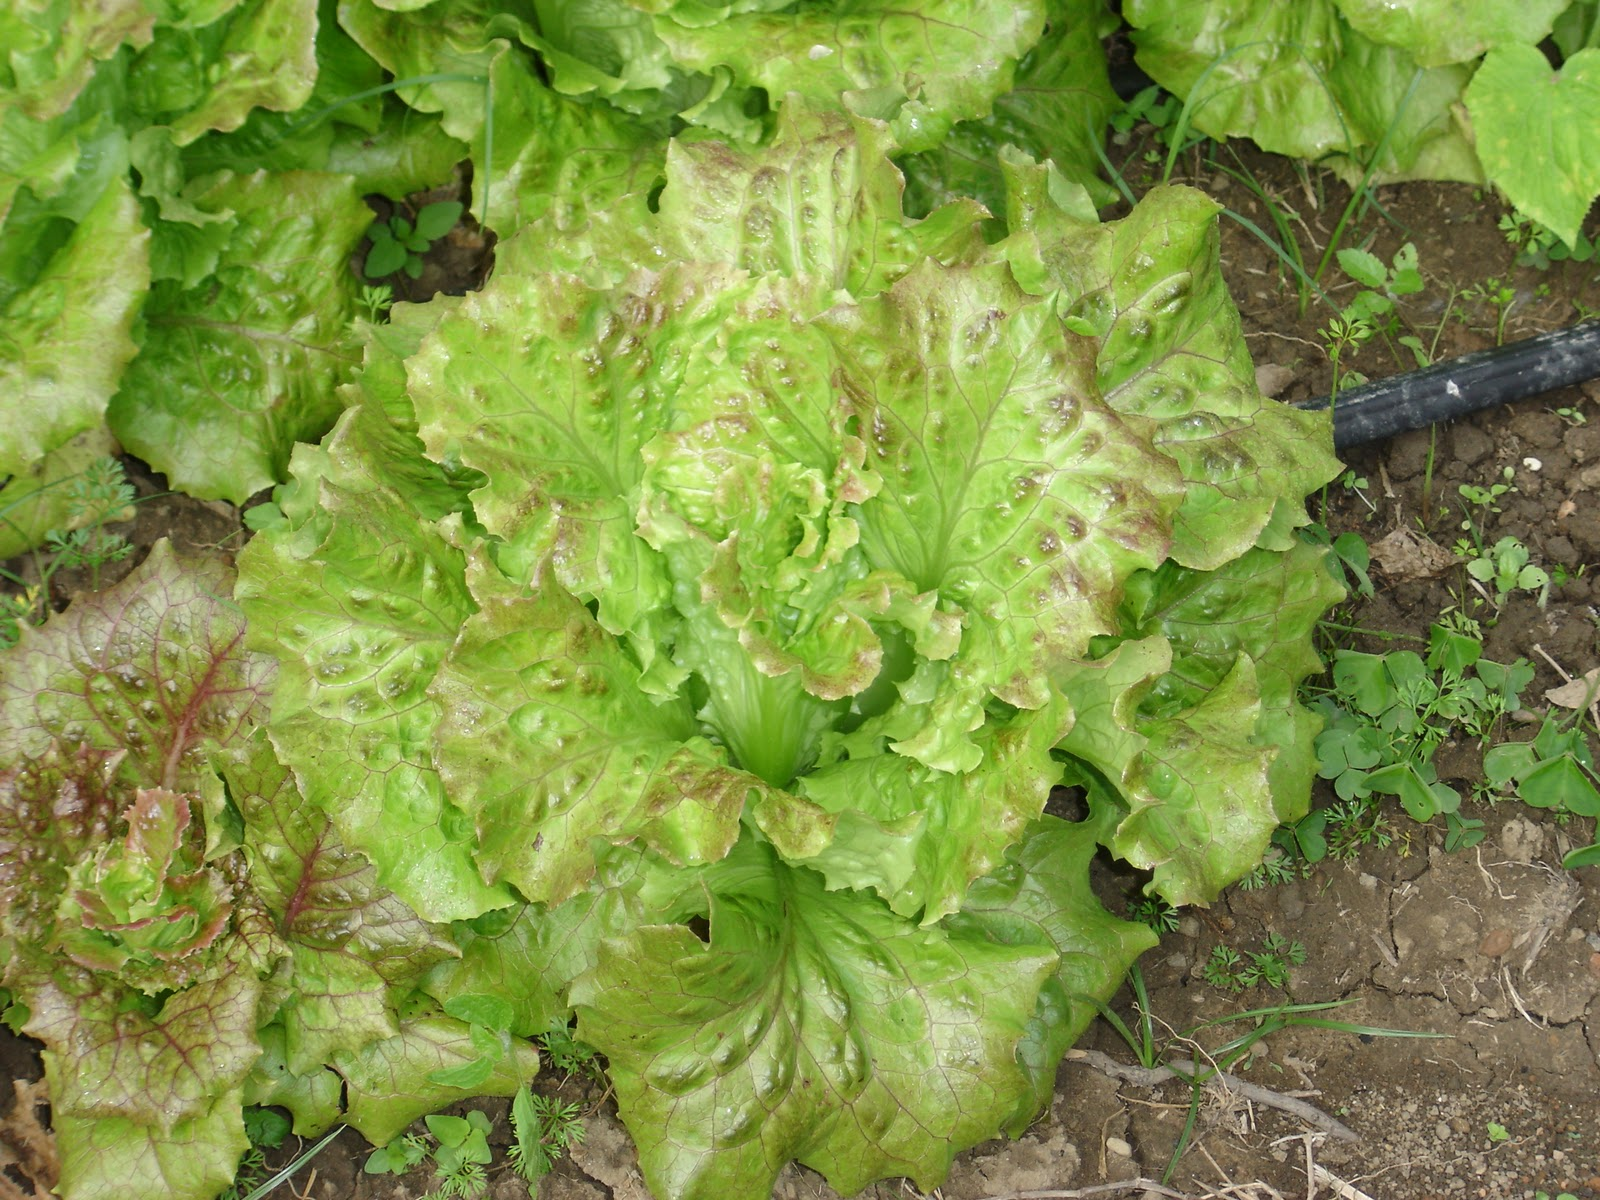 Chez fred potager bio les vari t s de salades du potager 1 - Variete de salade d hiver ...